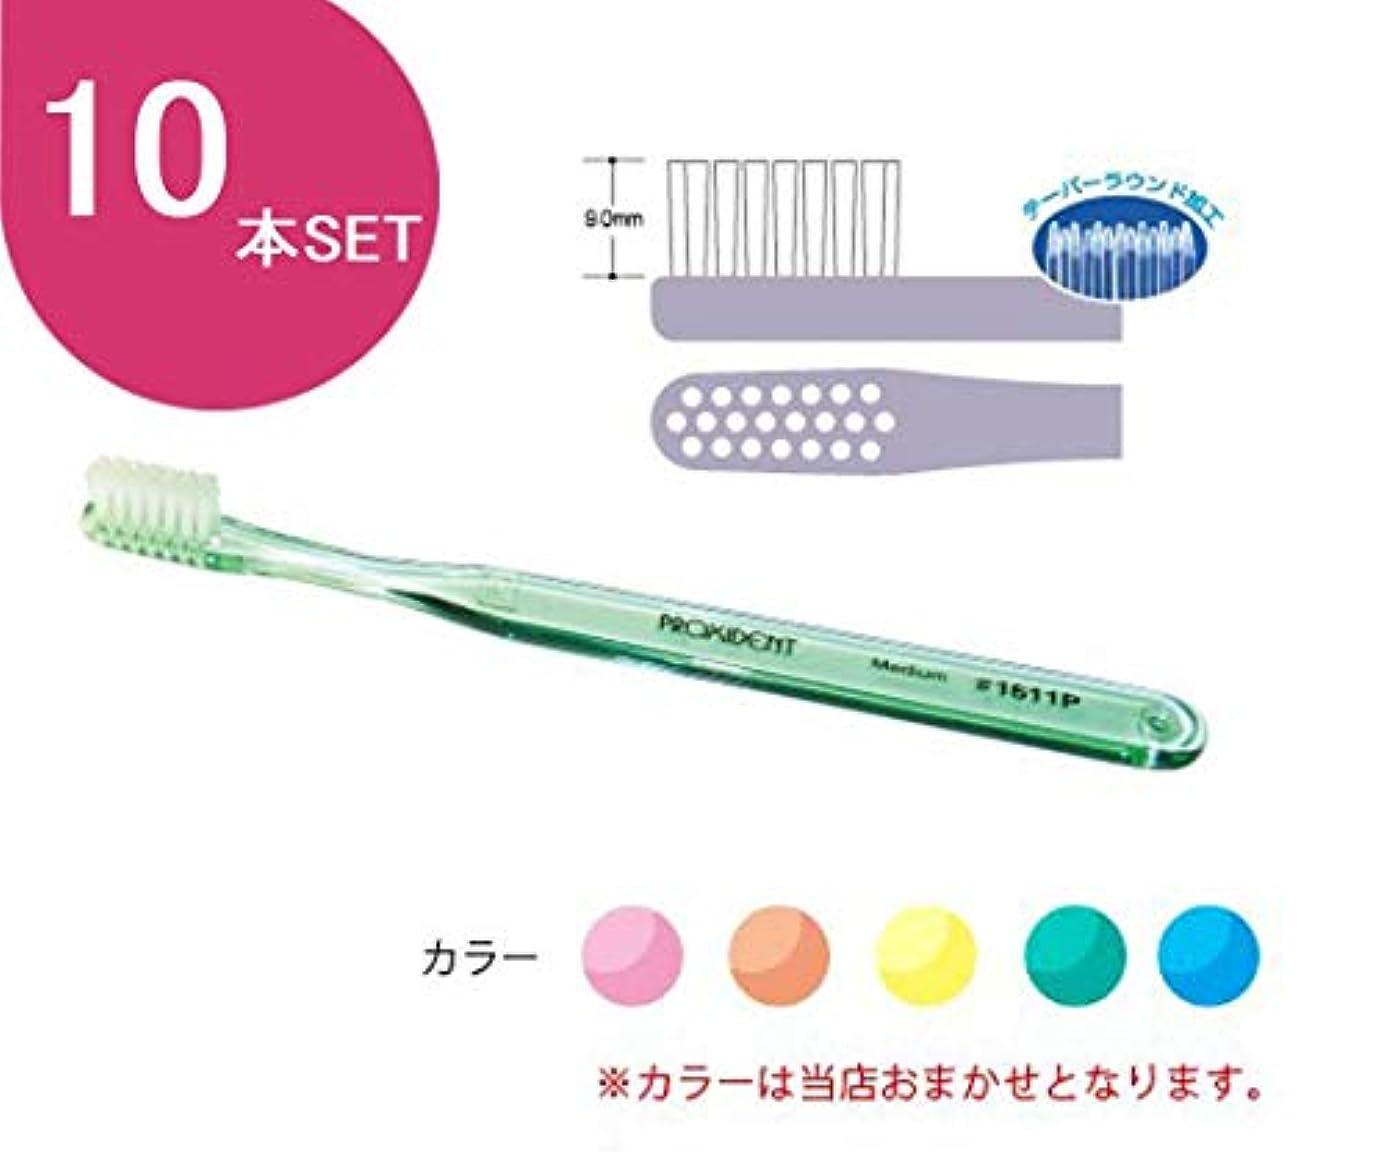 彼らコードレス飾り羽プローデント プロキシデント #1611P 歯ブラシ 10本入